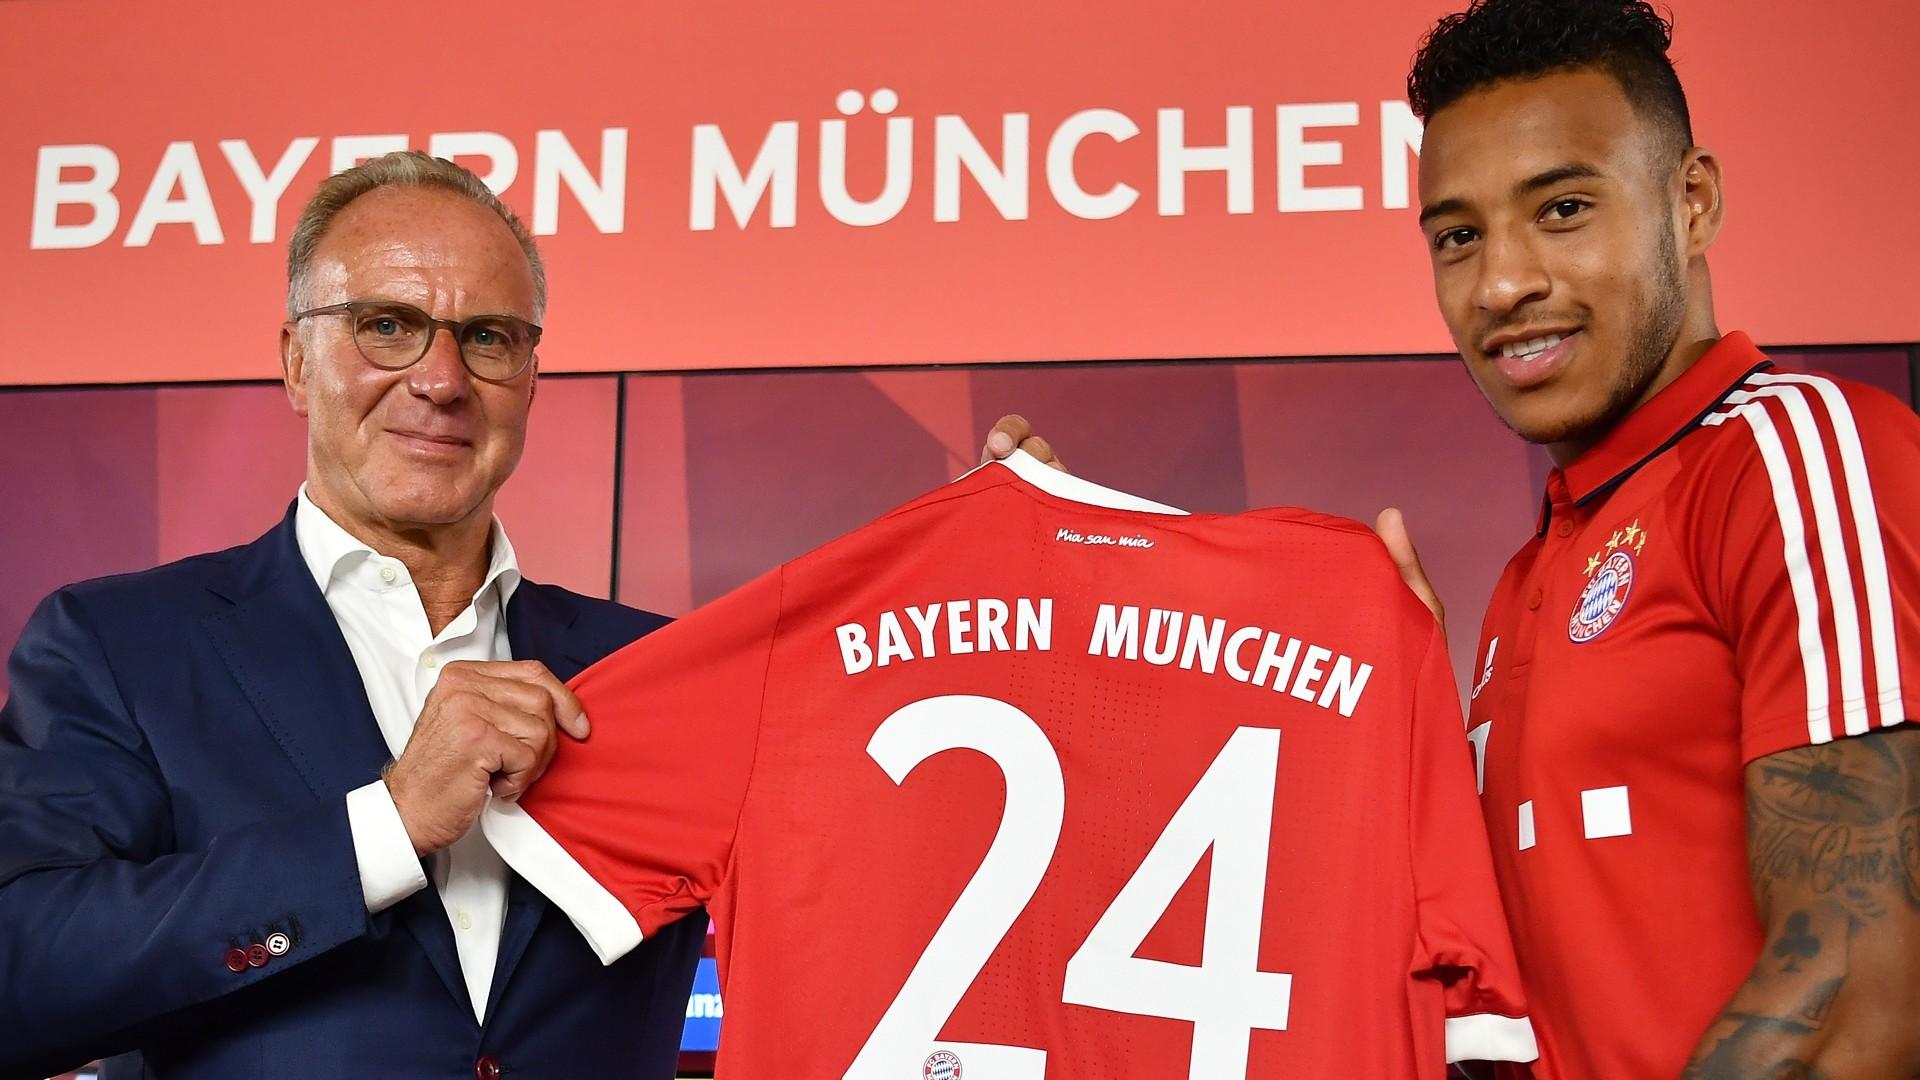 'Many young kids dream of Bayern' – FC Bayern Munich